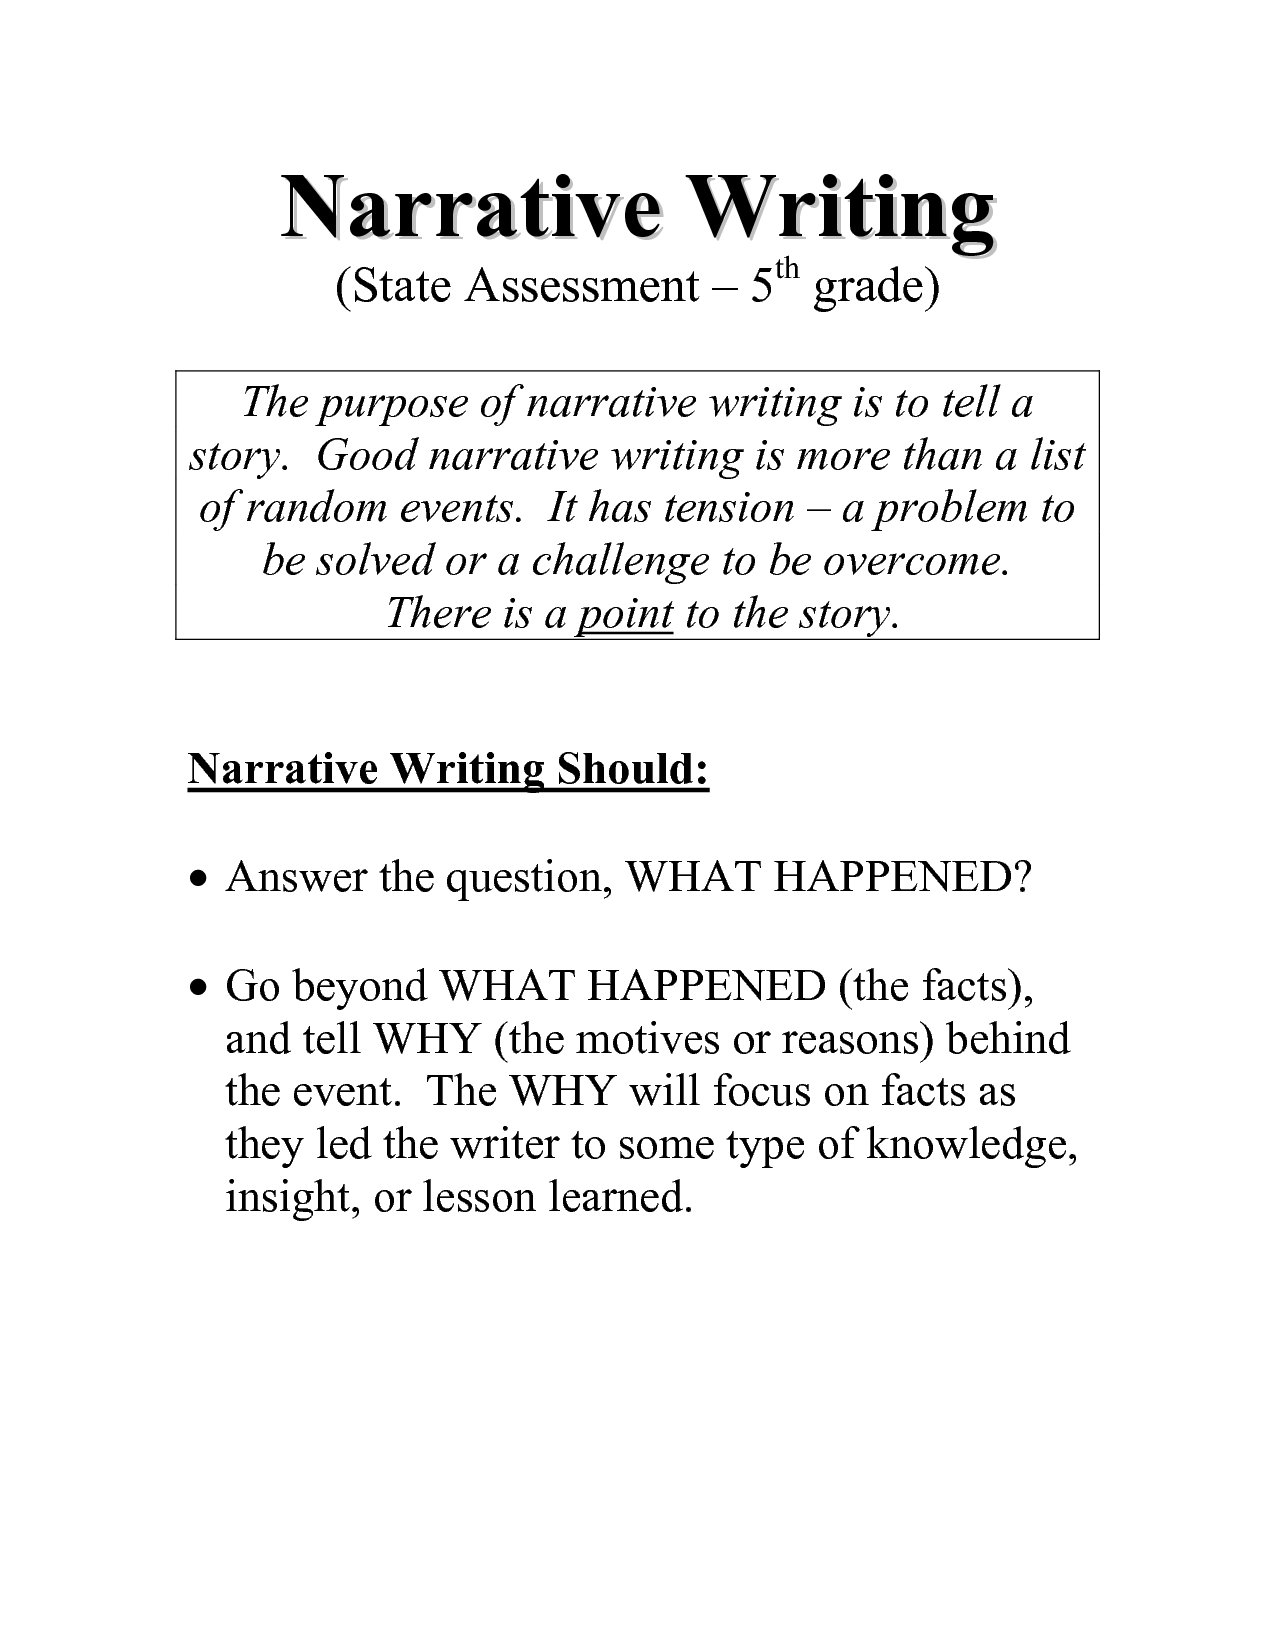 Narrative essay samples